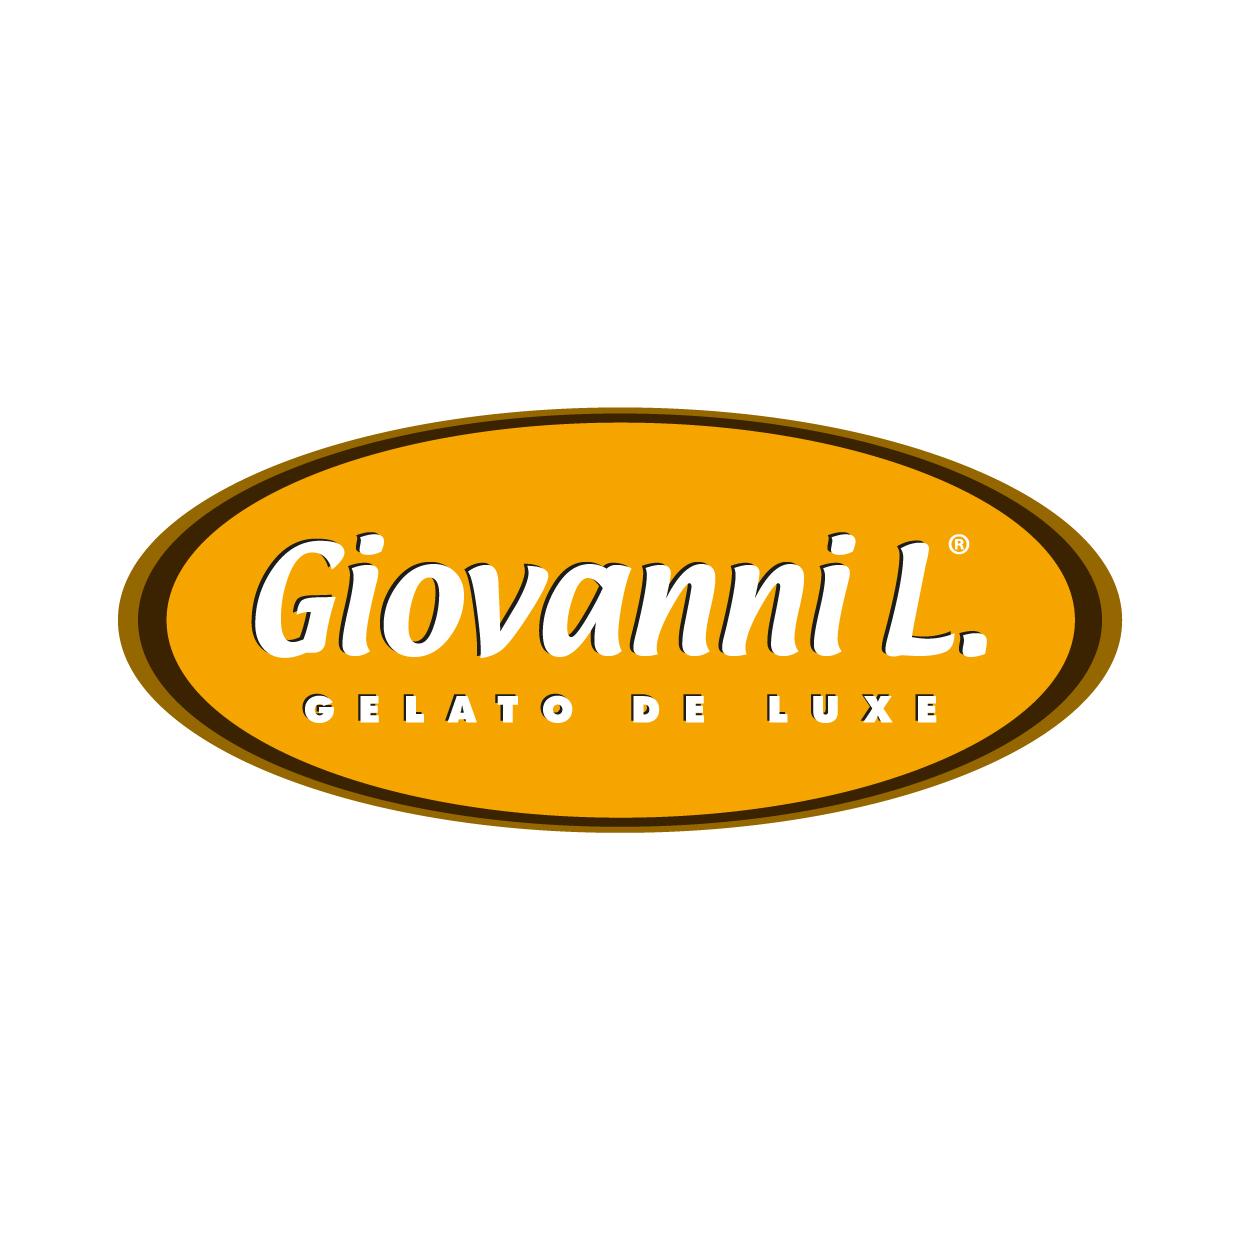 Logo_GiovanniL_Zeichenfläche 1.jpg